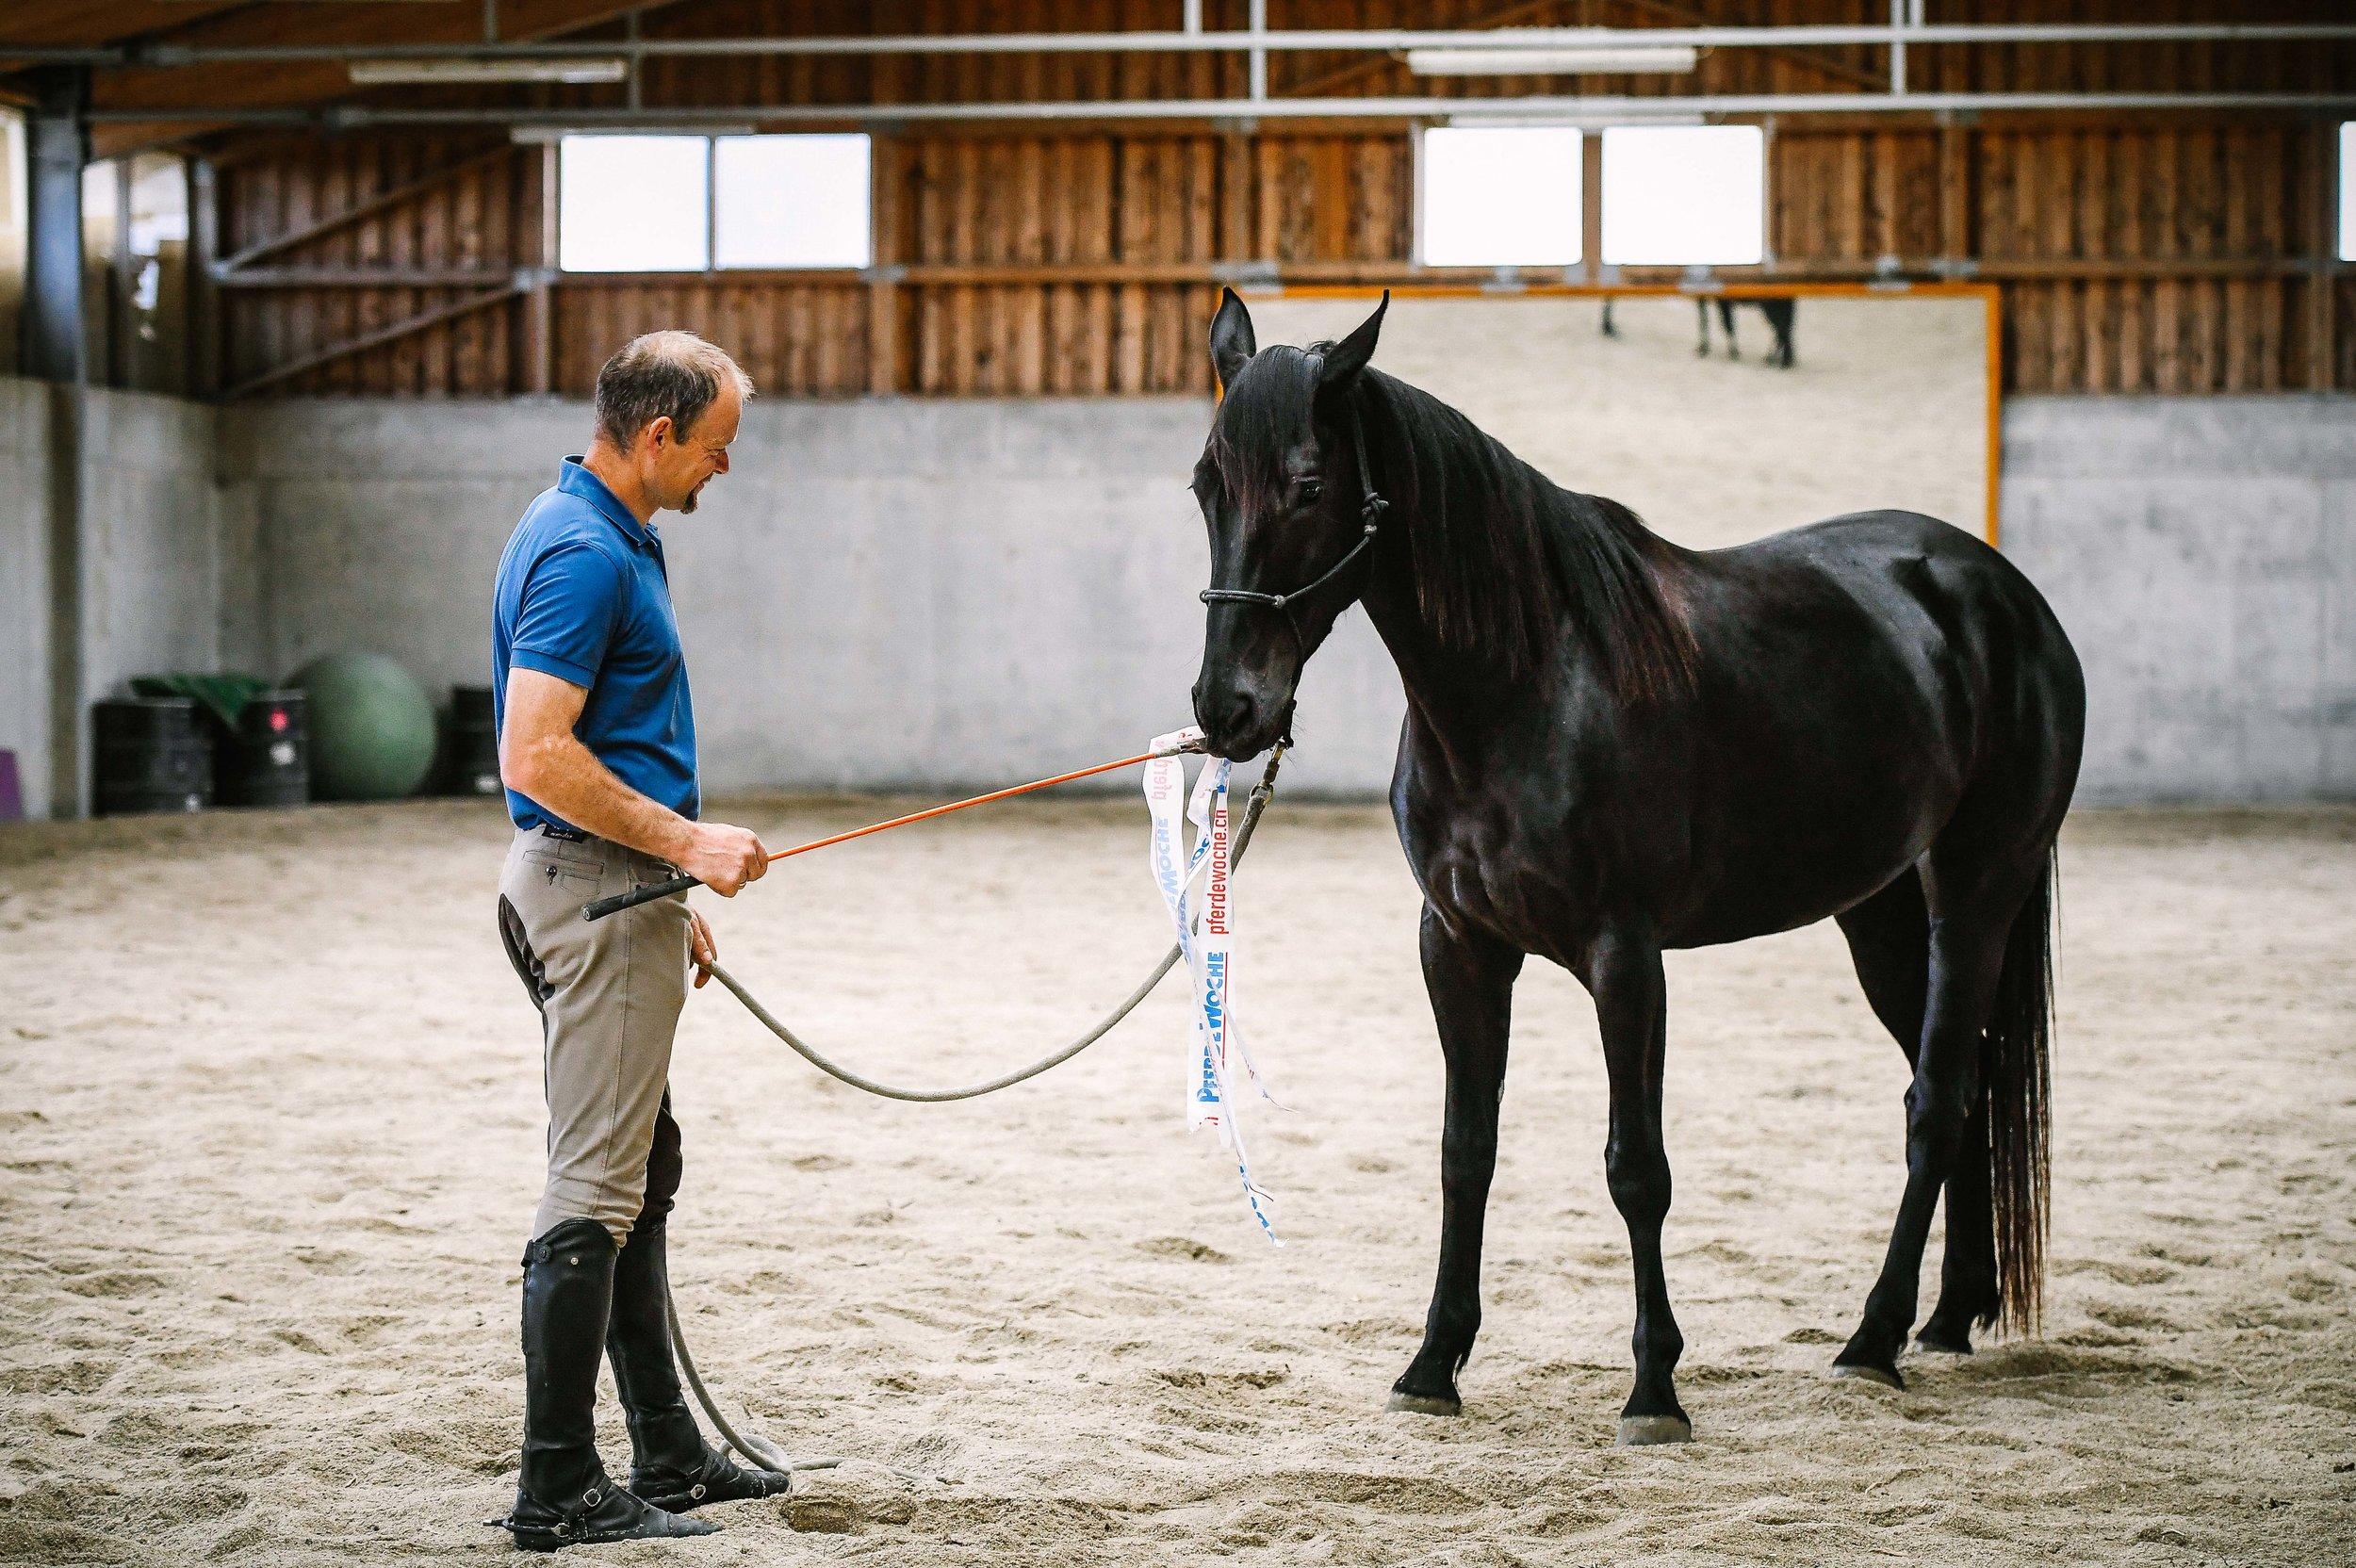 Pferdeausbildung - Liebe, Kommunikation und Führungsqualitäten in ausgeglichenen Mengen sind die Grundpfeiler einer erfolgreichen Partnerschaft.Als erstes etablieren wir mit Ihrem Jungpferd eine gemeinsame Sprache, indem wir ihm die